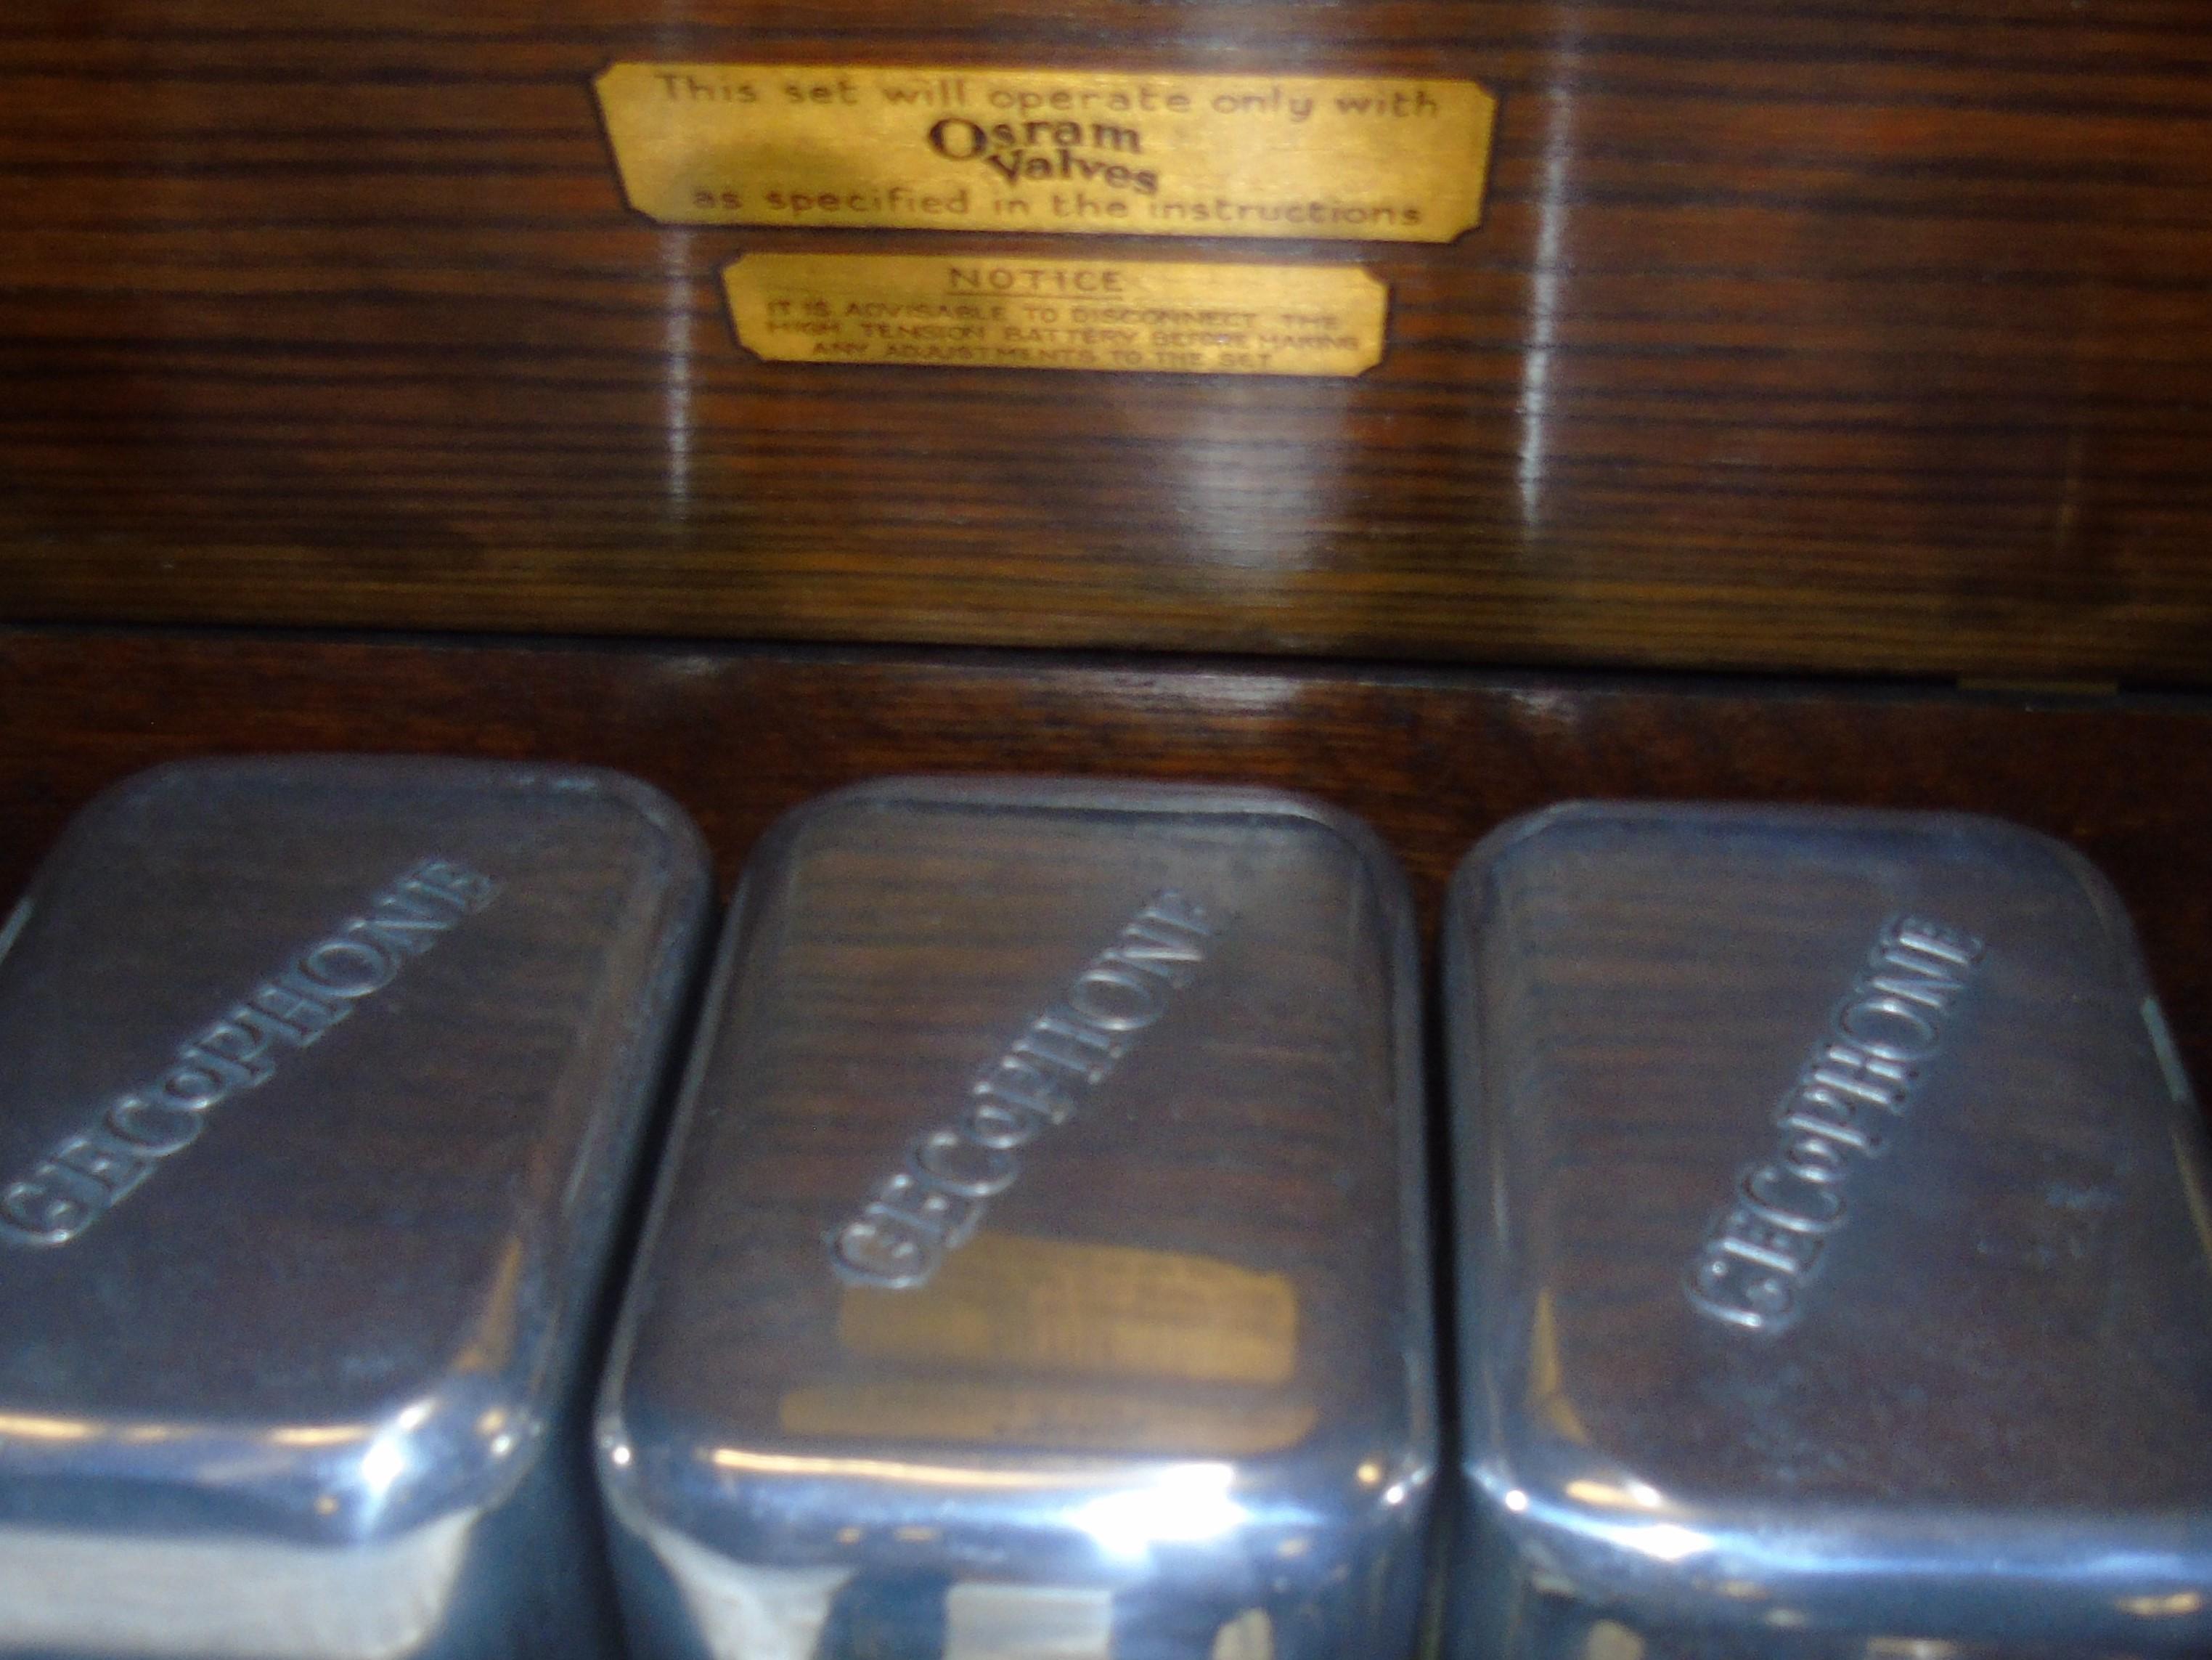 Lot 43 - OSRAM MUSIC 4 RADIO (GECoPHONE) CIRCA 1930 EST [£60-£80]